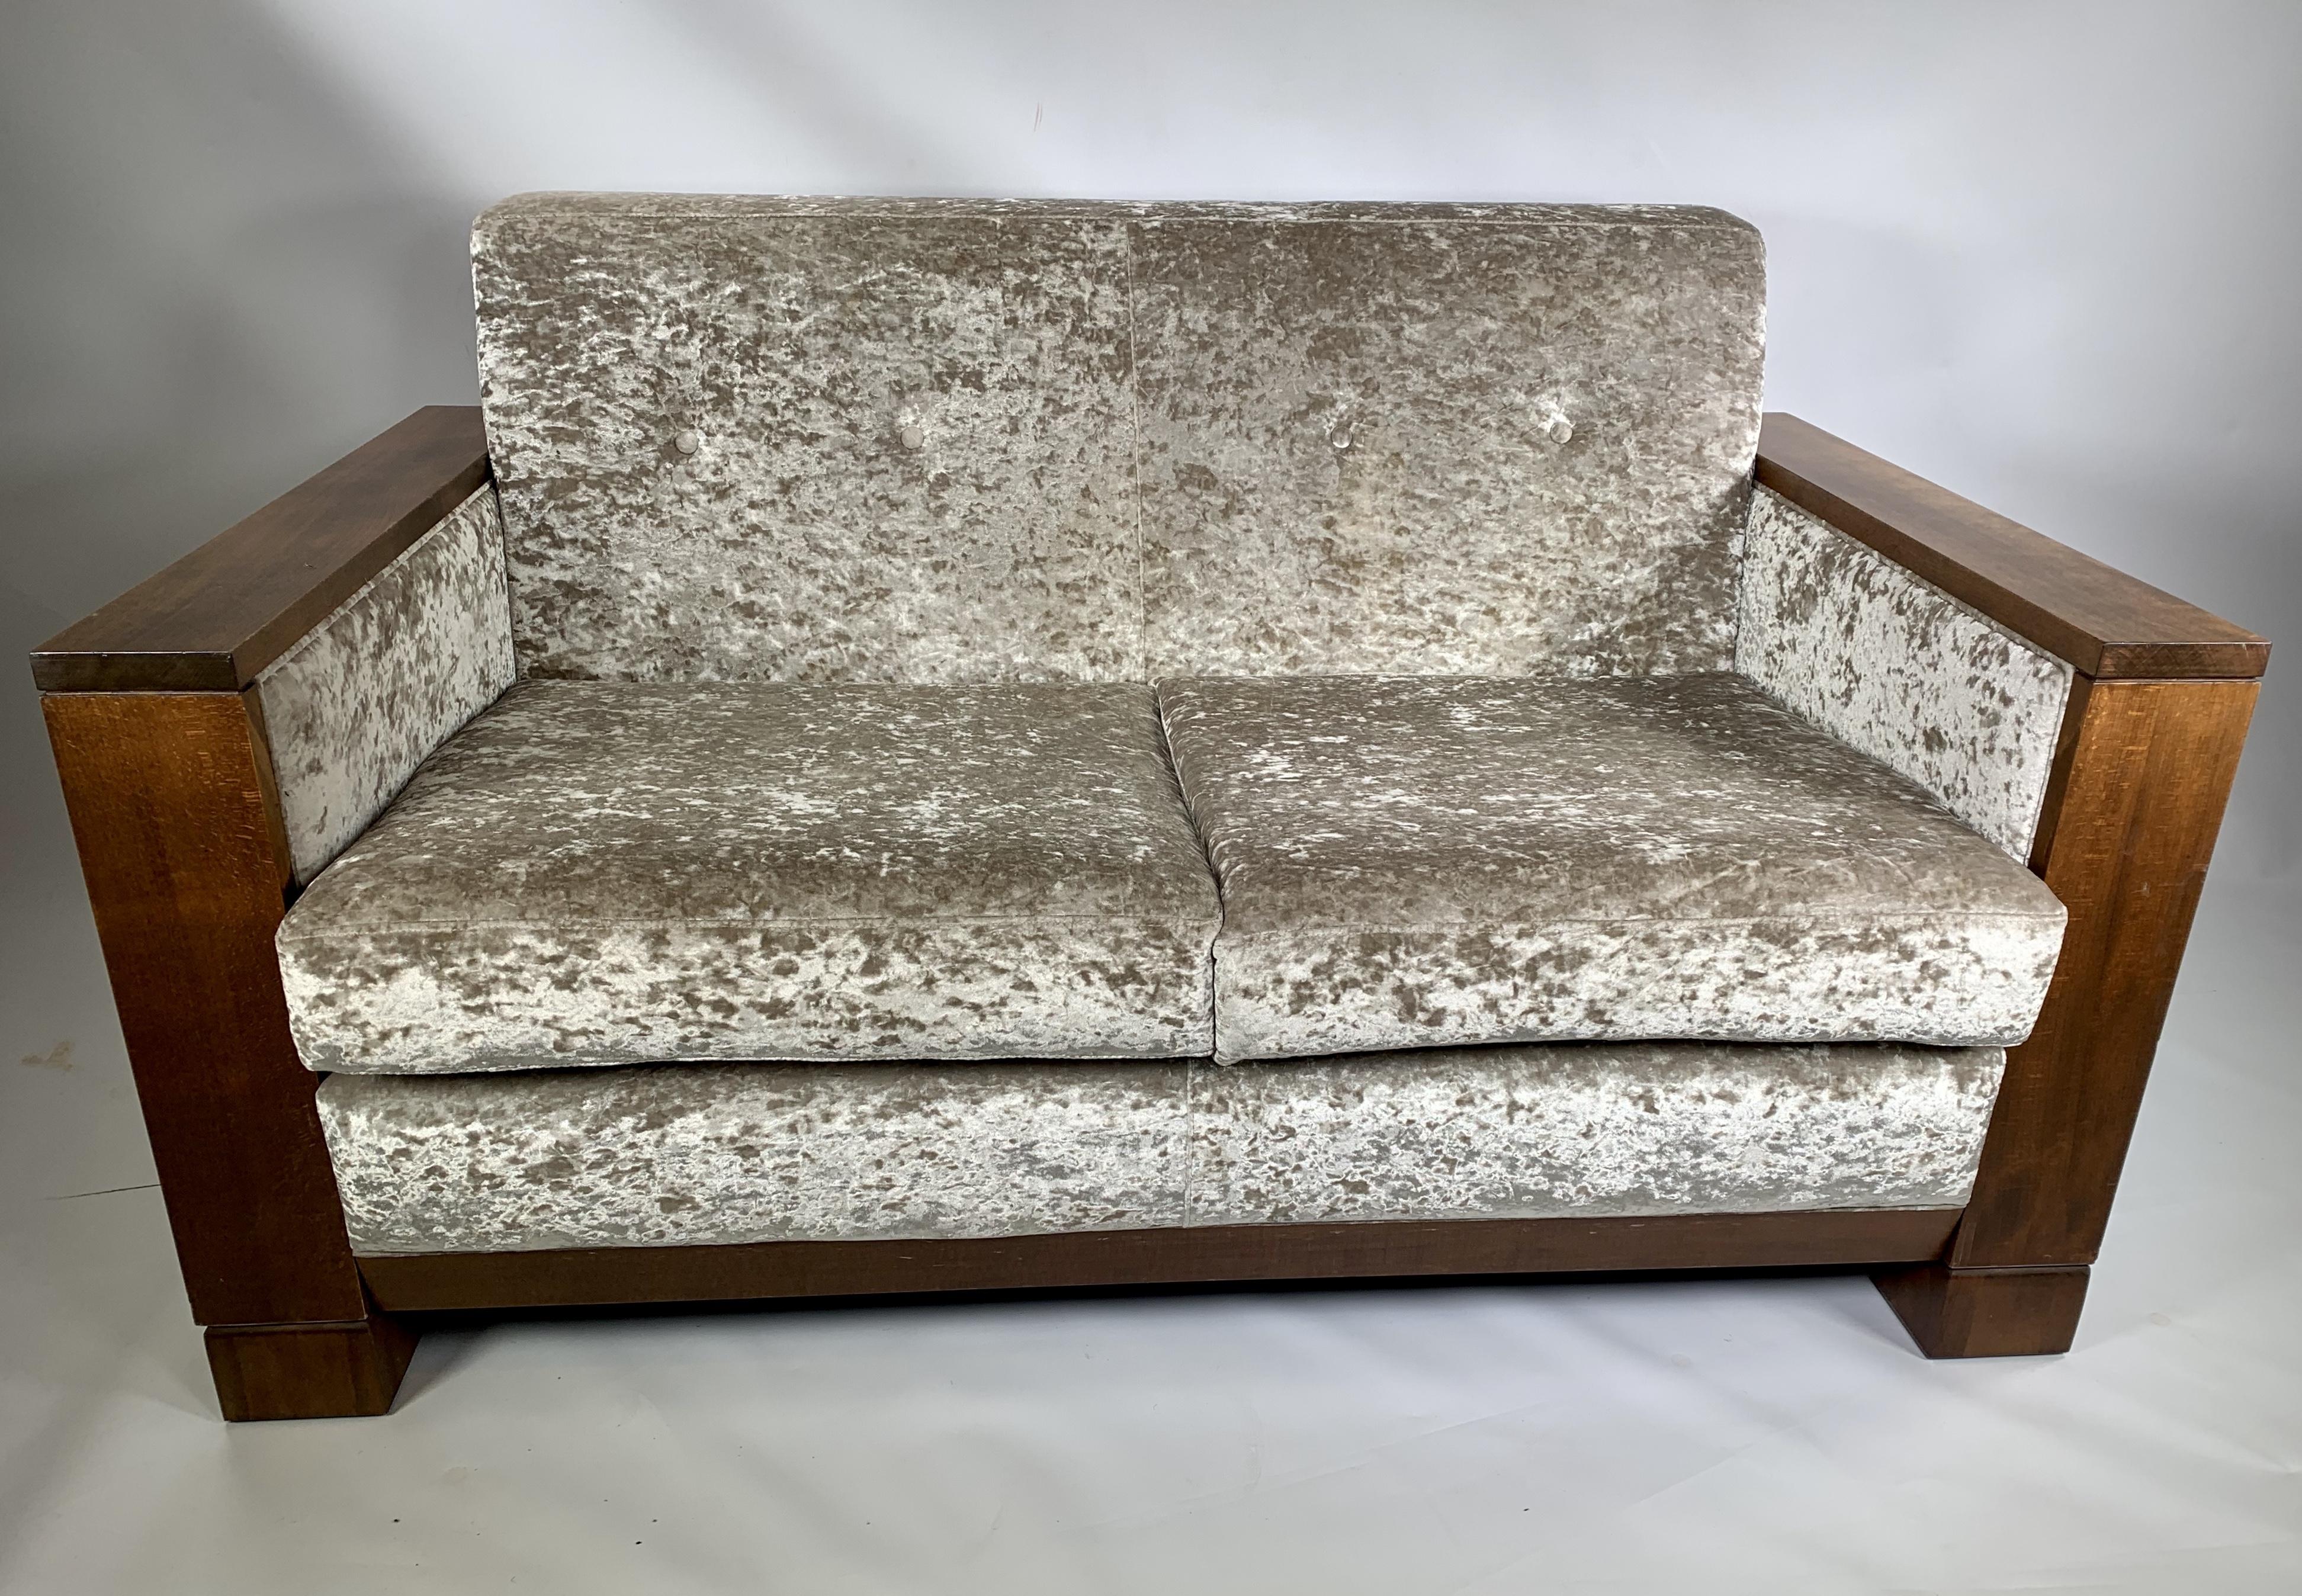 Bespoke Art Deco Style Sofa In Champagne Crushed Velvet Vinterior